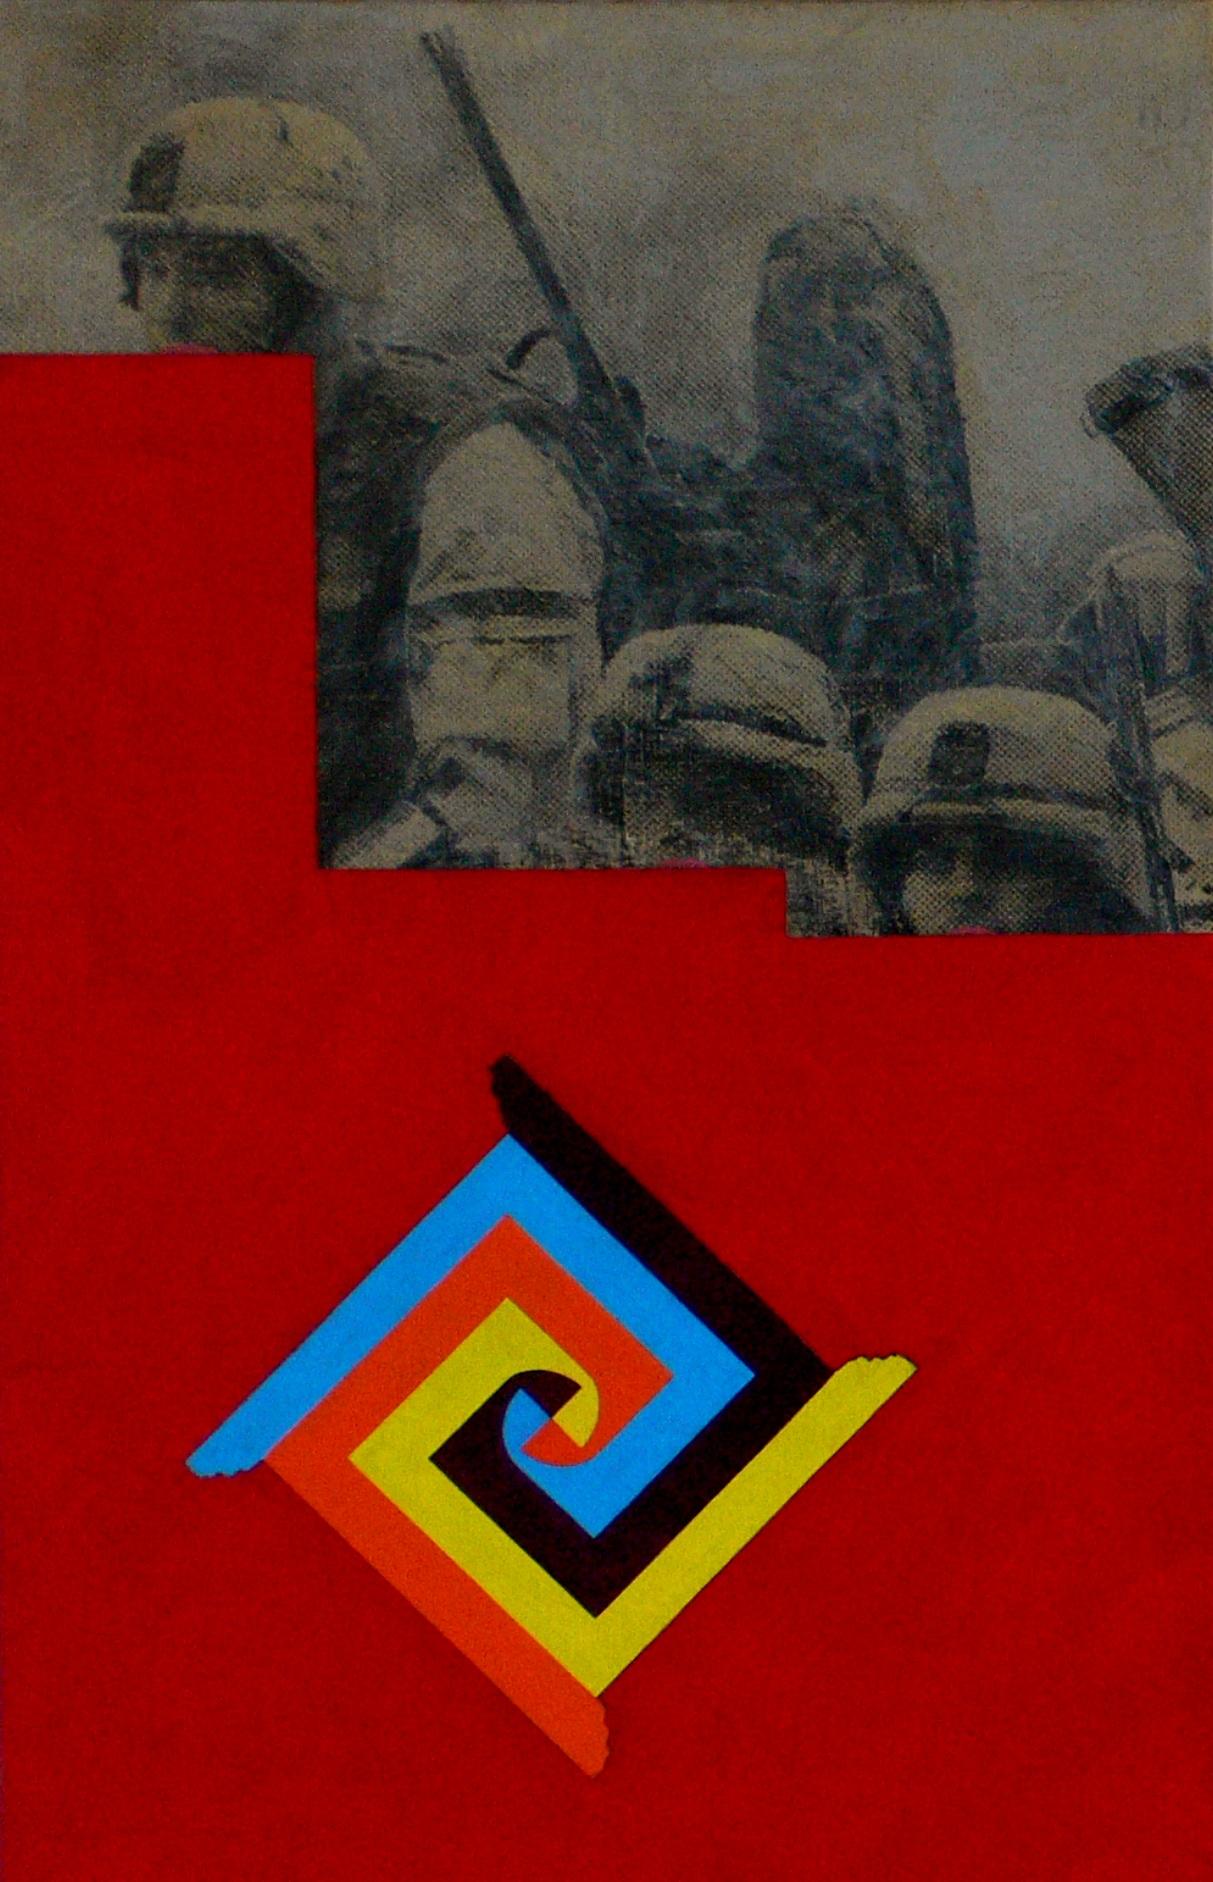 - Guerra e meditazione - cm 100 x 64 tecnica olio e stampa su carta intelata, anno 2009.